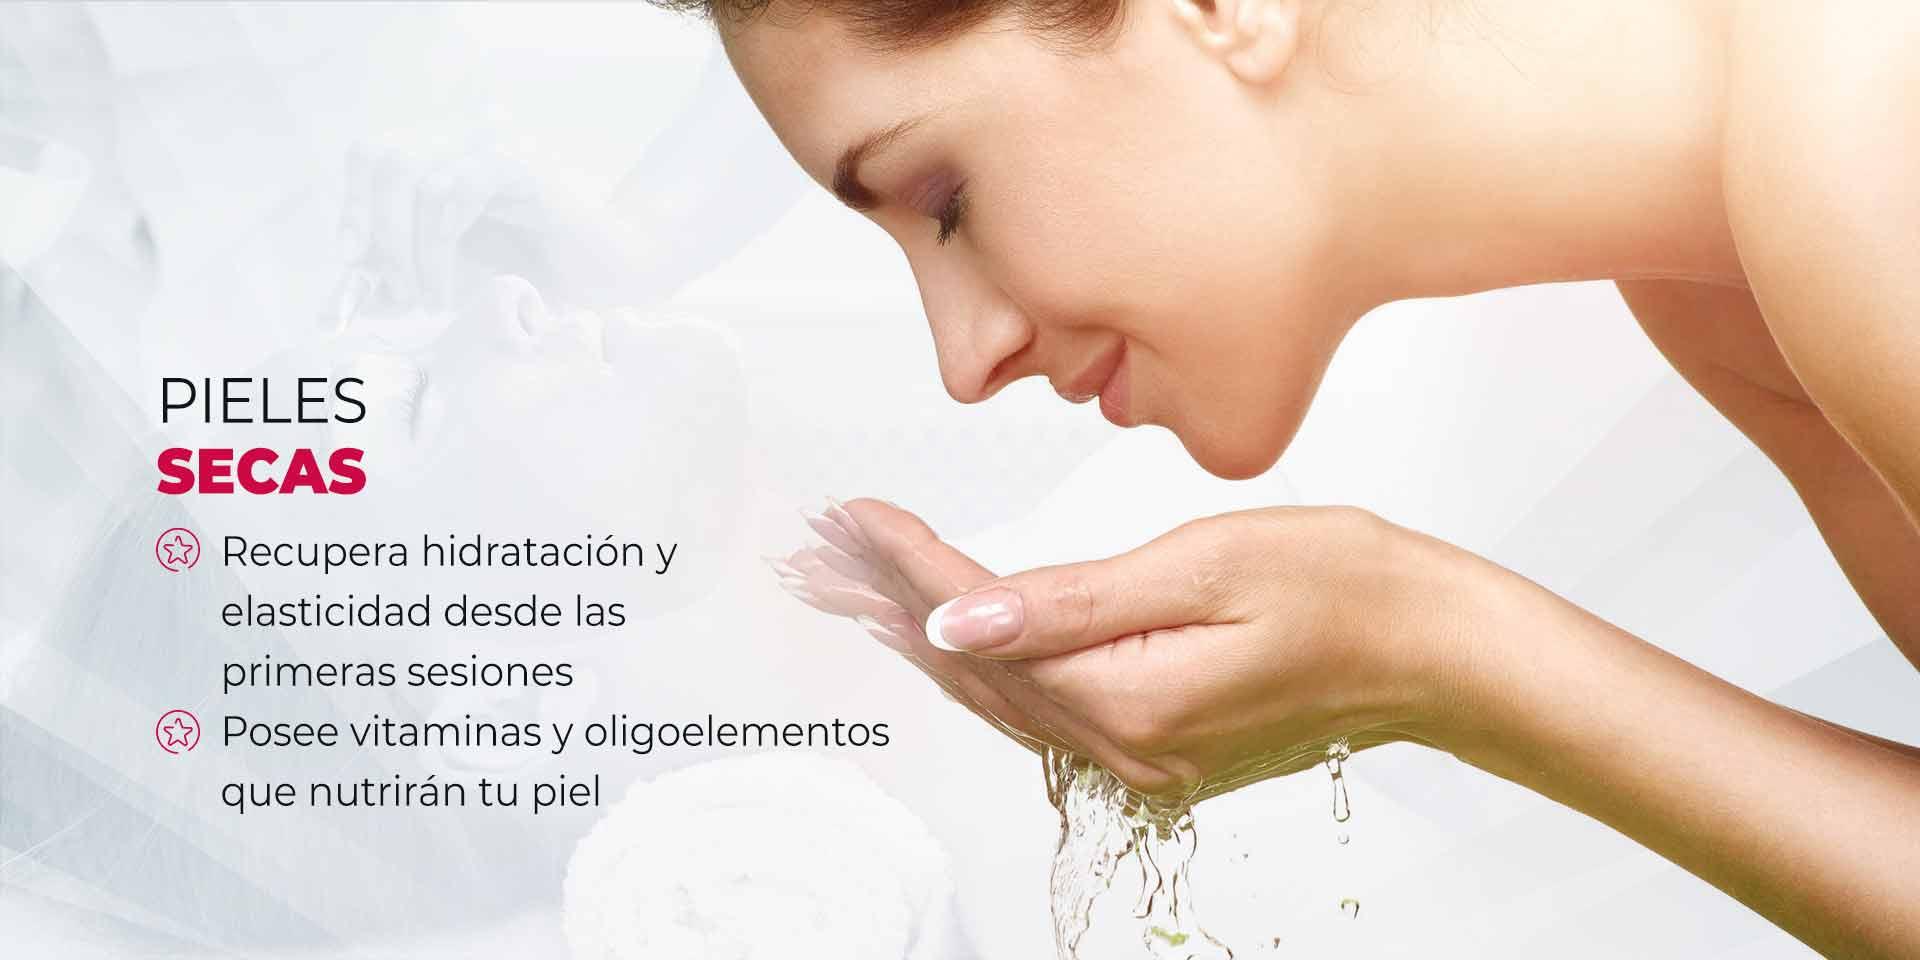 tratamiento para pieles secas en CDMX